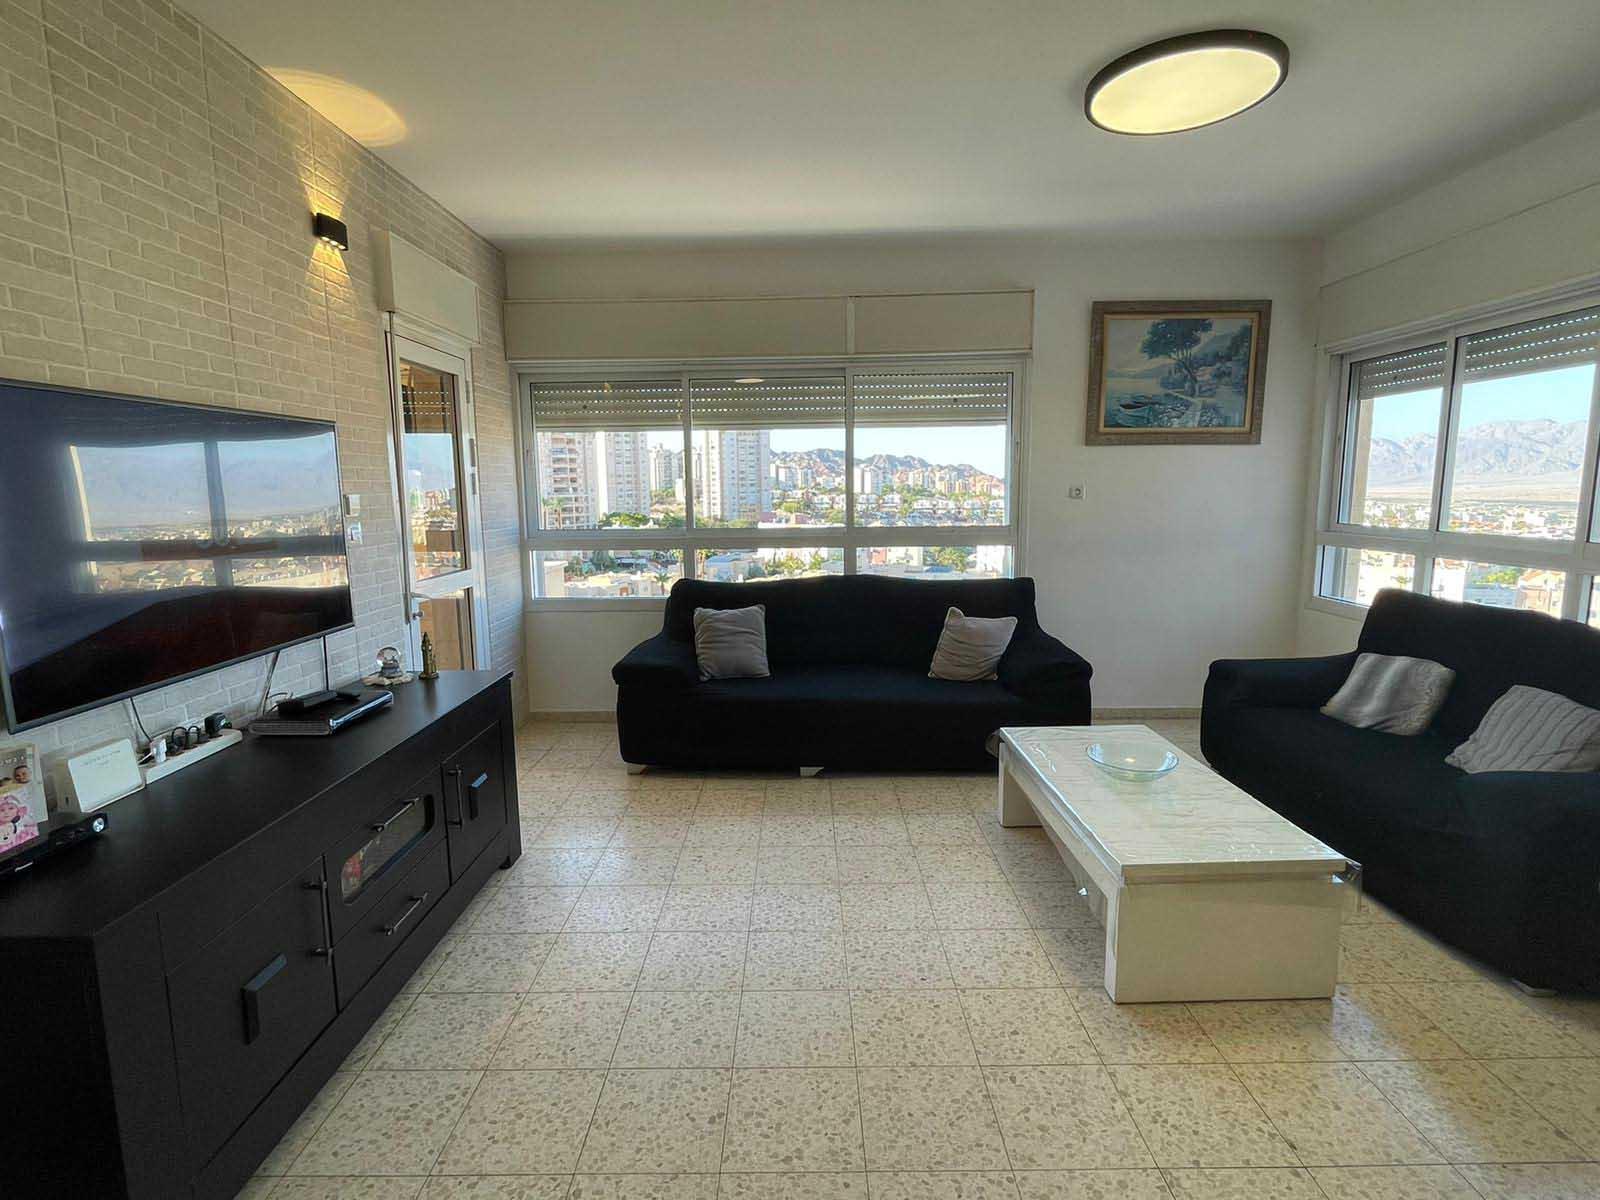 דירת 4 חדרים בשחמון למכירה באילת